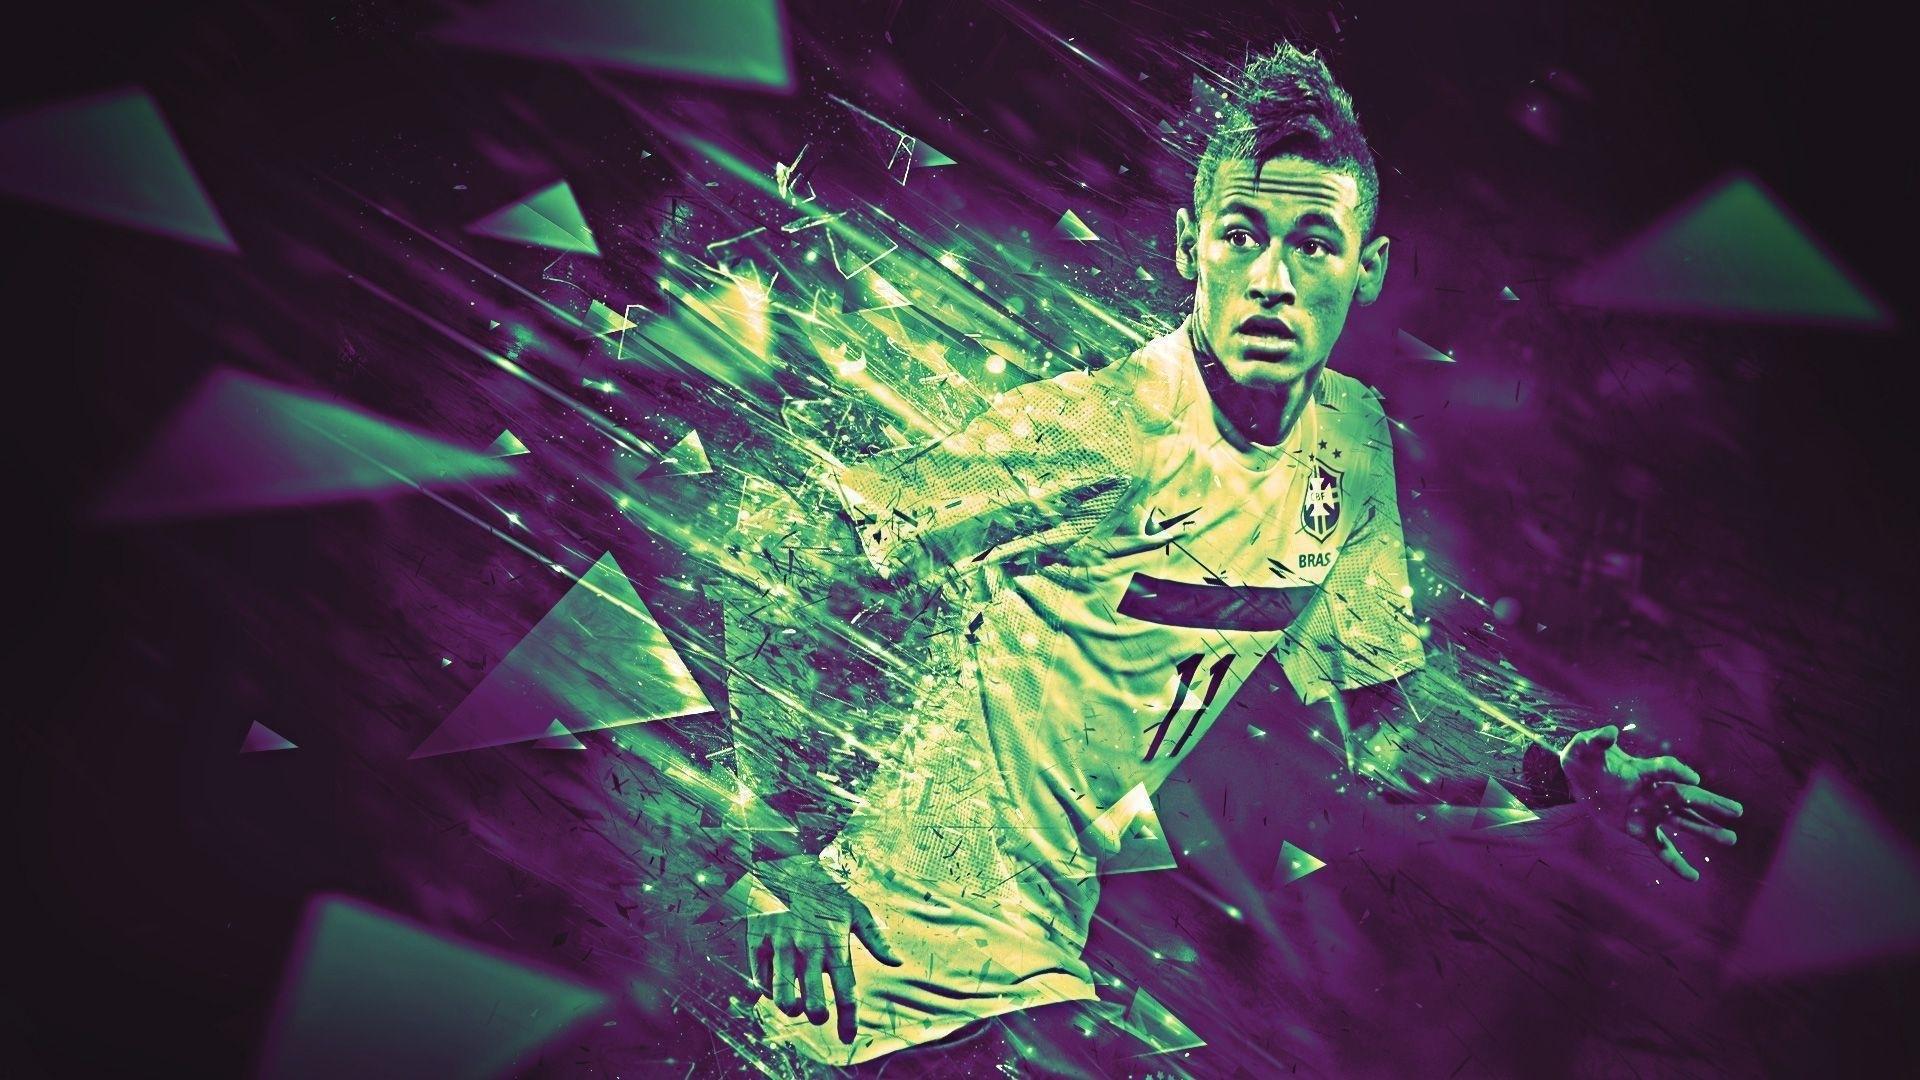 Neymar Wallpaper for pc